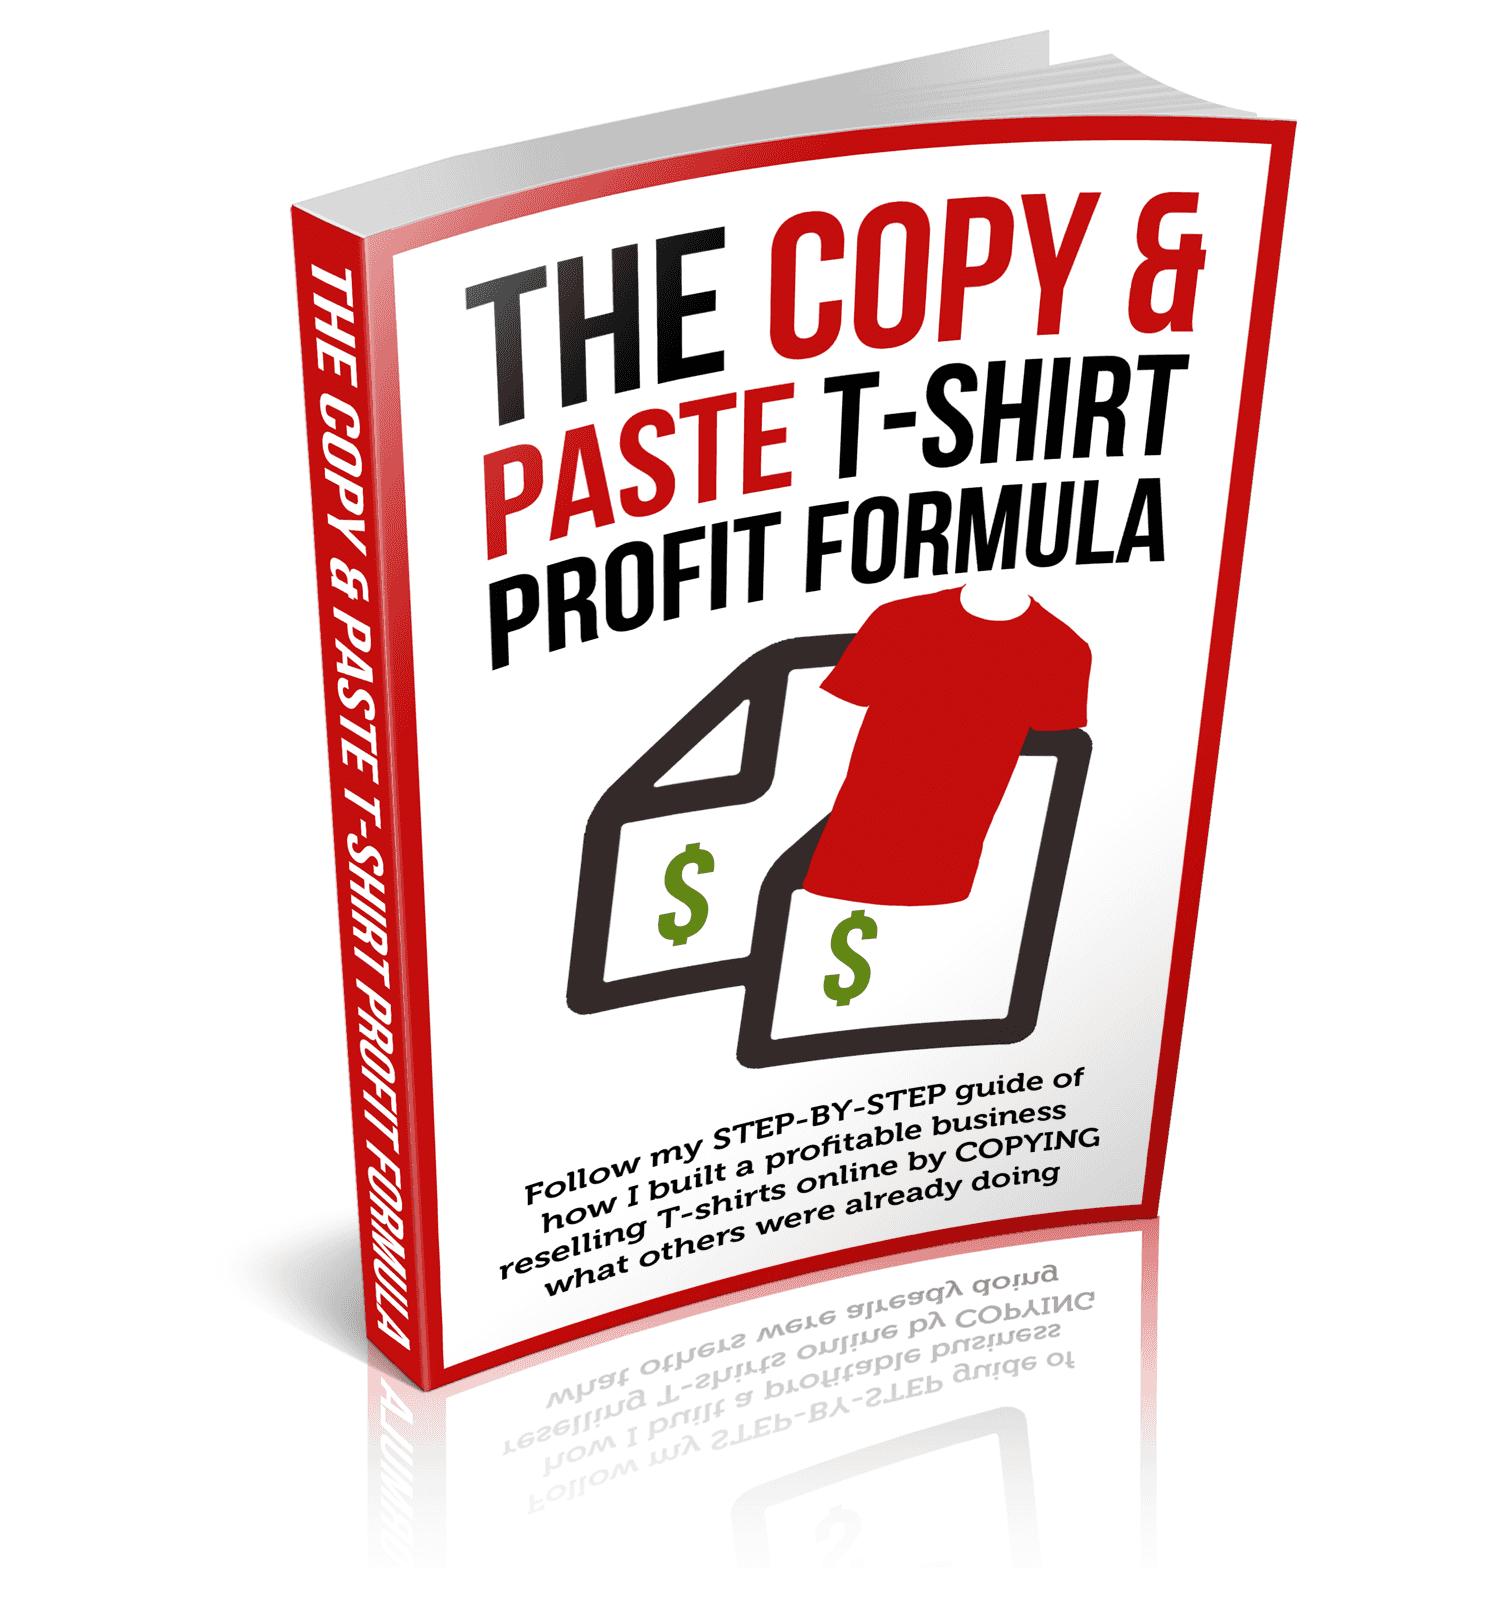 教你如何通过复制最成功的卖家已经在做的事情来建立你自己的高盈利的T恤销售(The Copy & Paste T-Shirt Profit Formula)